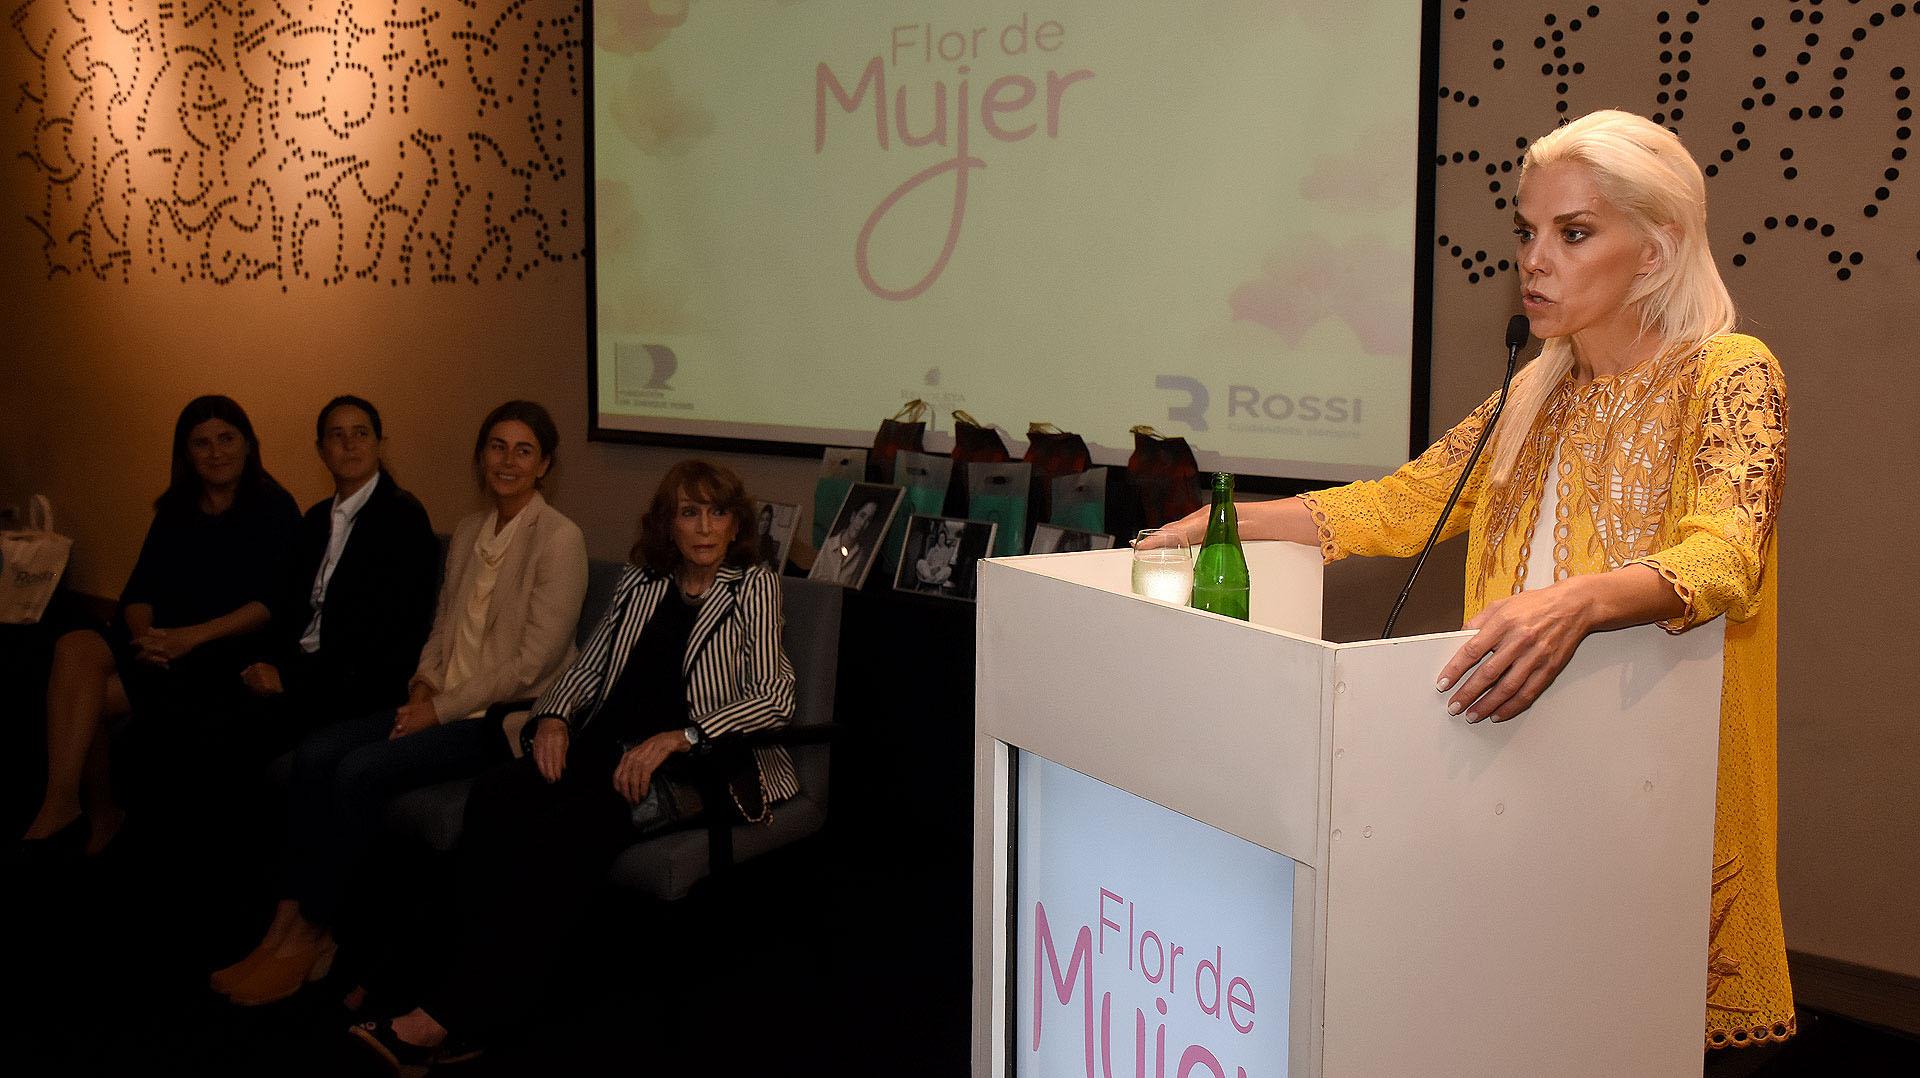 Agustina Rossi, directora de la Fundación Dr Enrique Rossi, fue la encargada de reconocer la labor de estas cuatro mujeres por su motivación solidaria